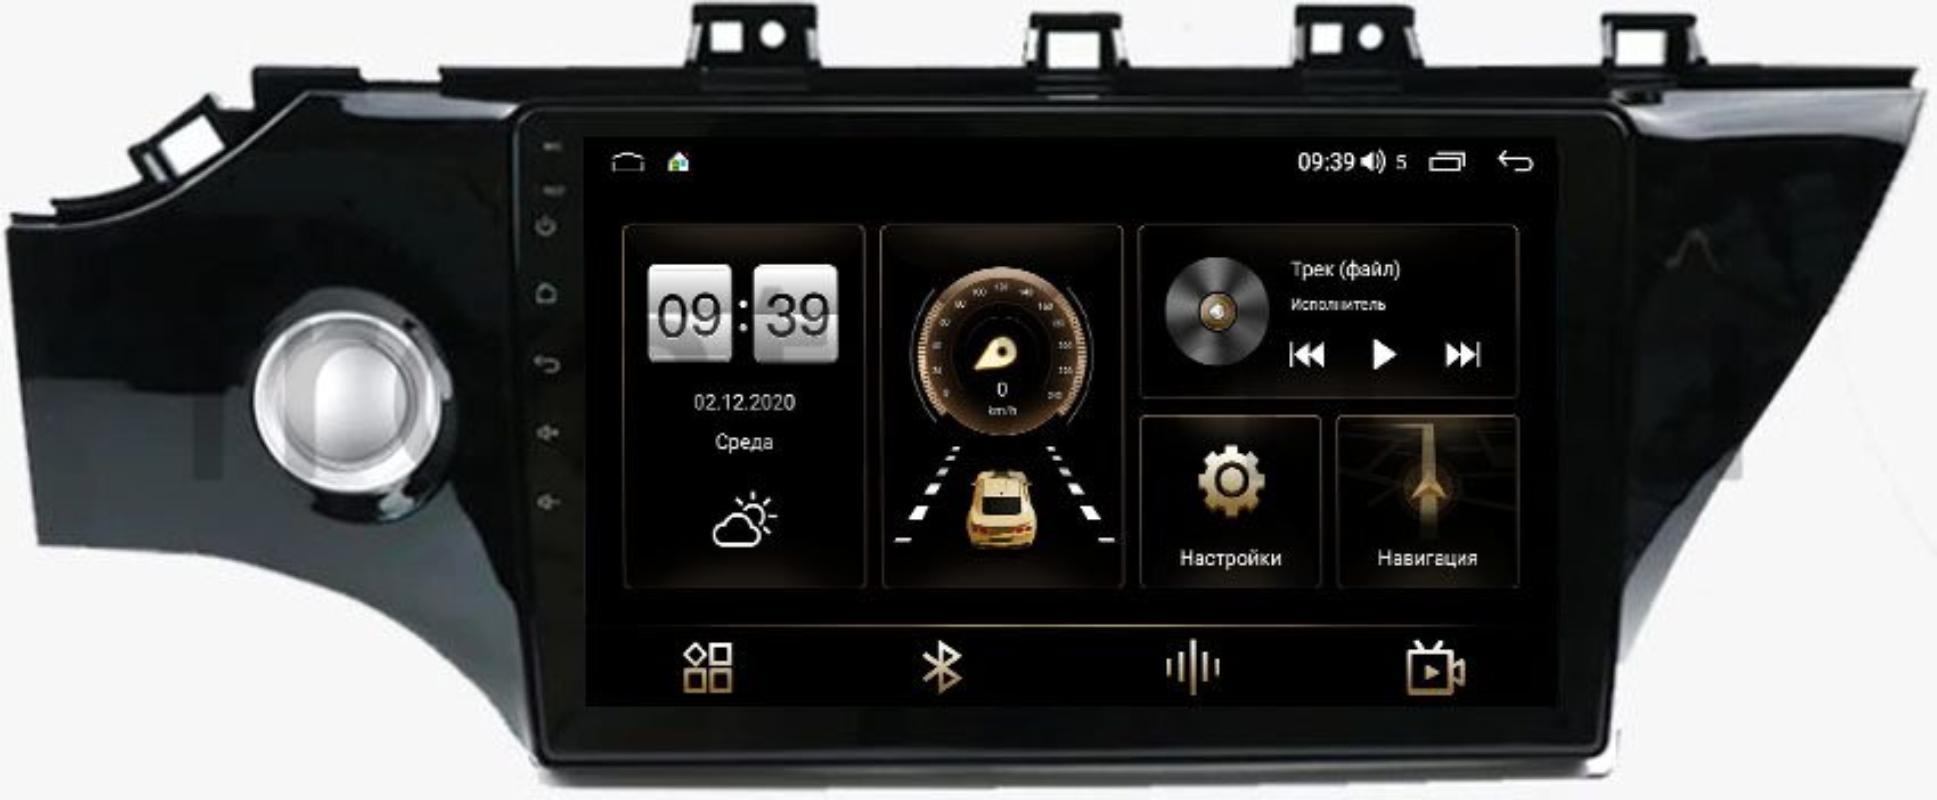 Штатная магнитола Kia Rio IV, Rio IV X-Line 2017-2019 LeTrun 4165-10-419 на Android 10 (4G-SIM, 3/32, DSP, QLed) (с кнопкой) (+ Камера заднего вида в подарок!)